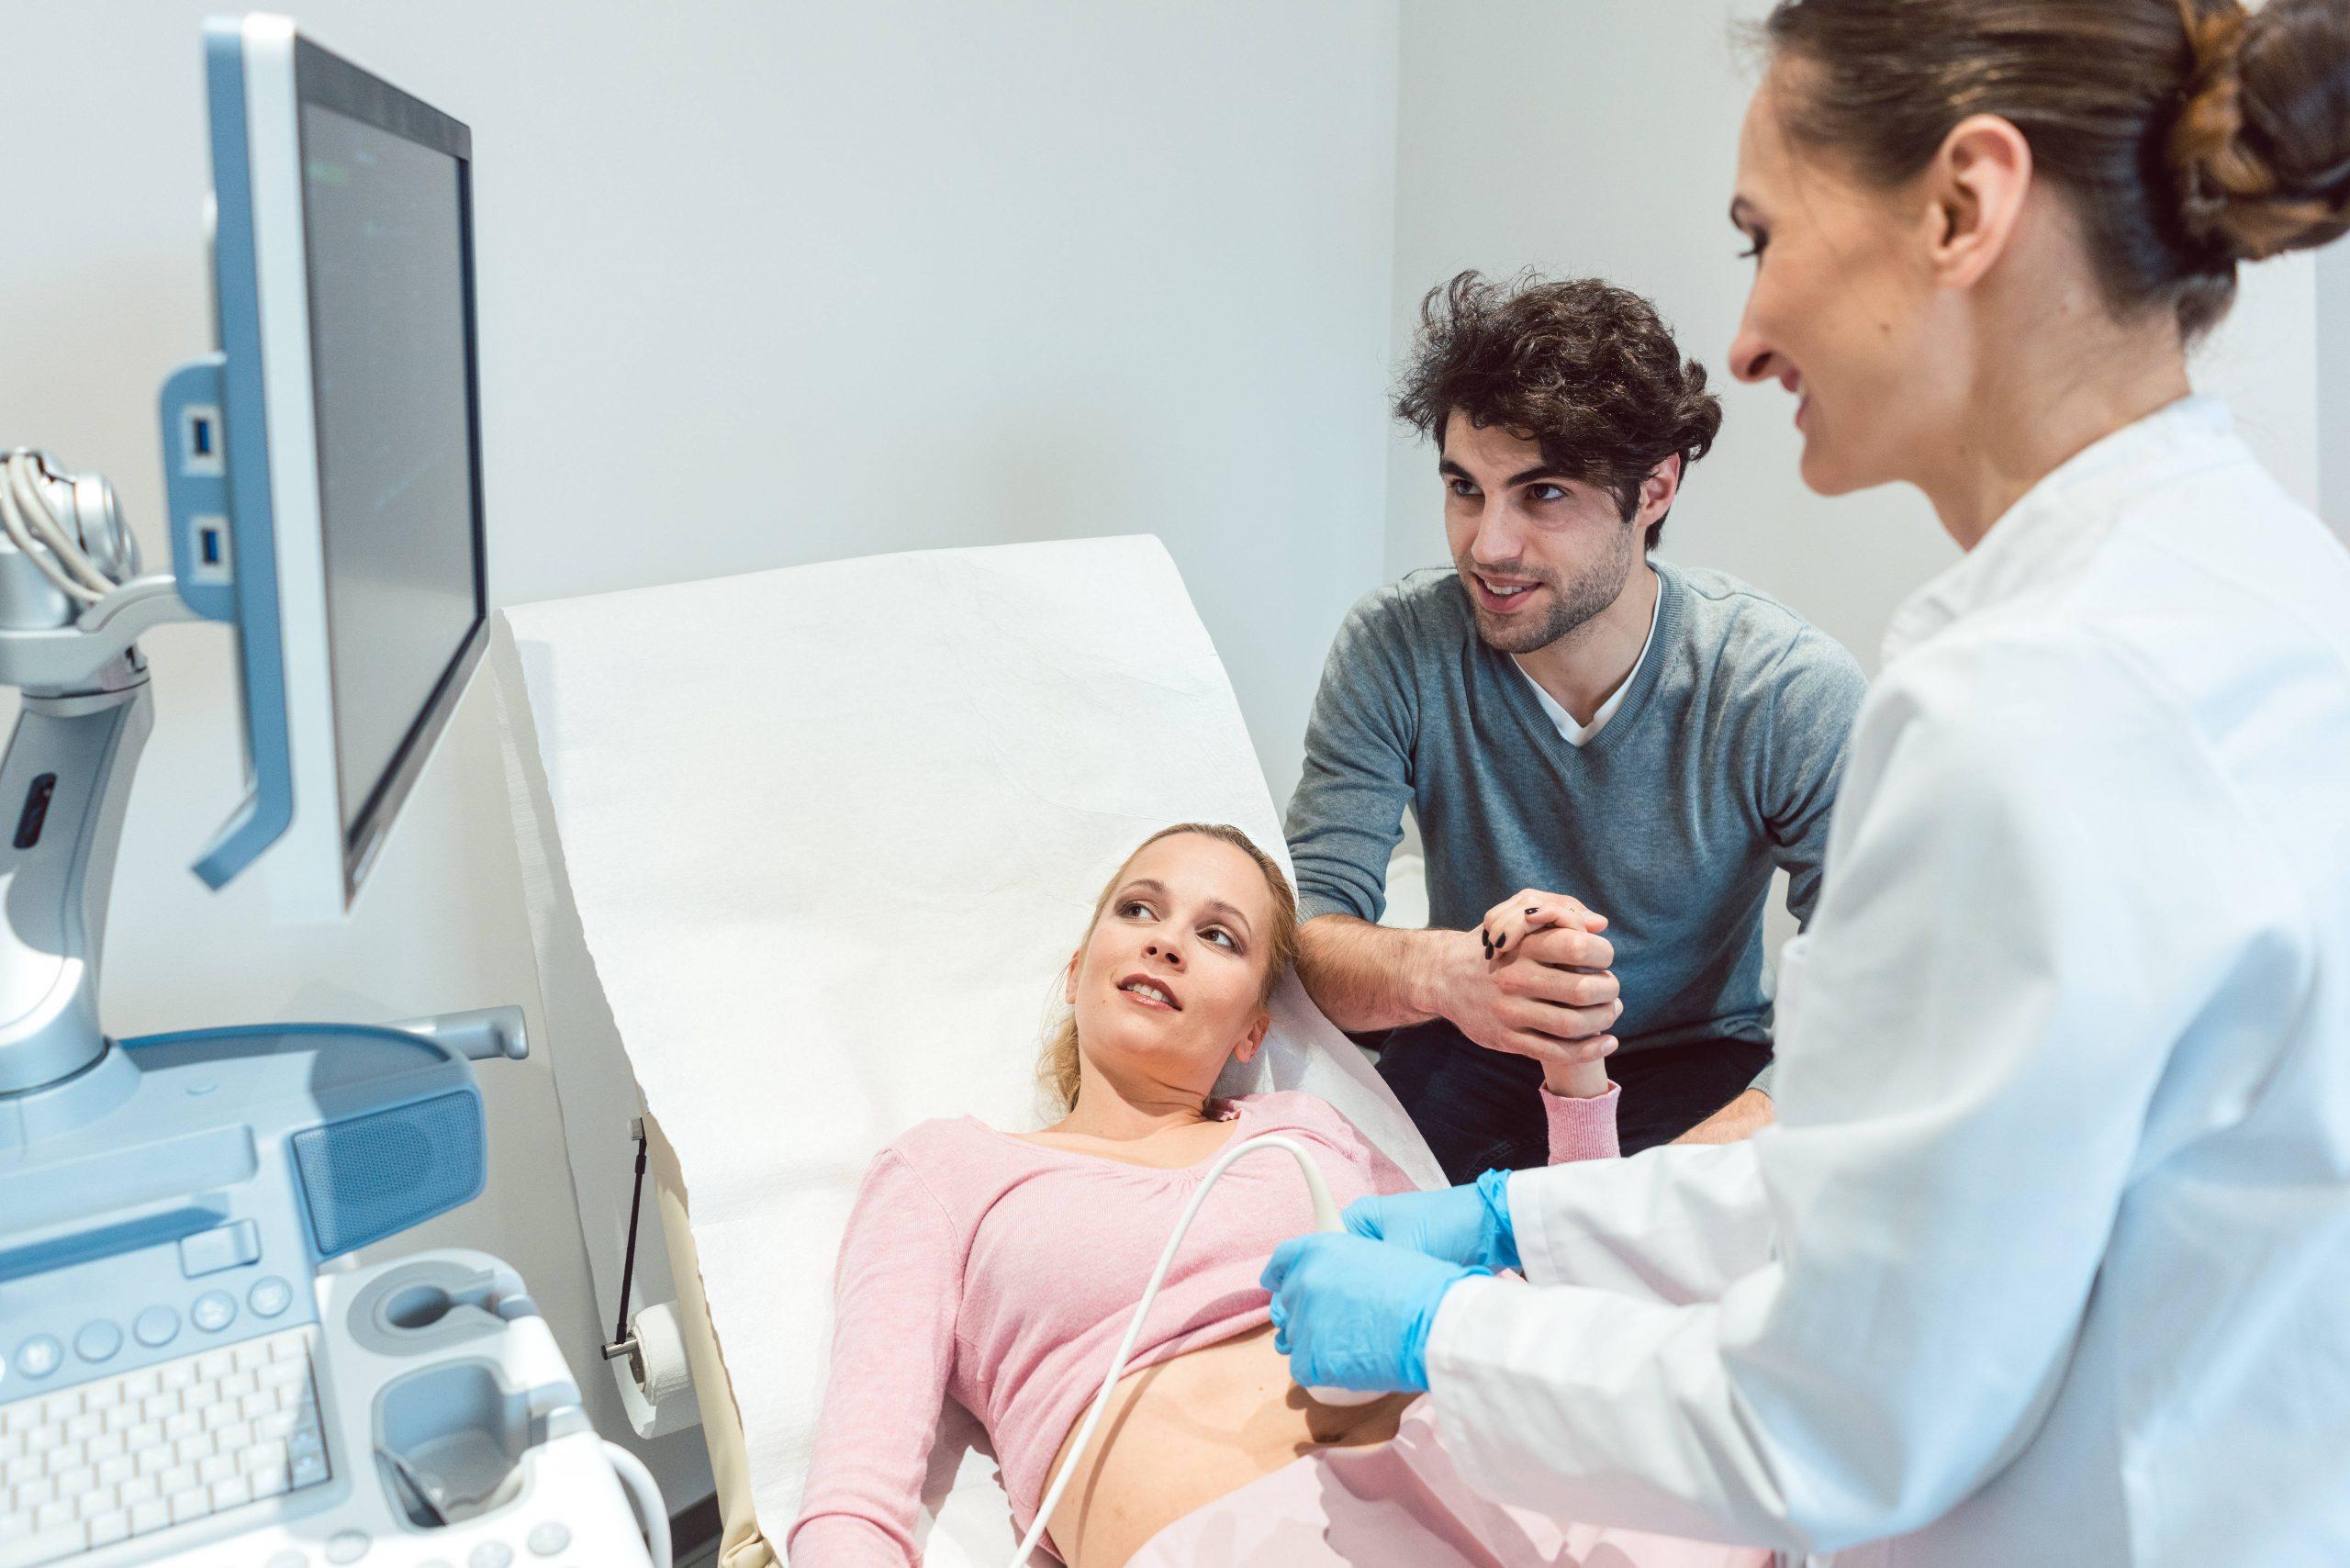 España se convierte en destino ideal para la reproducción asistida